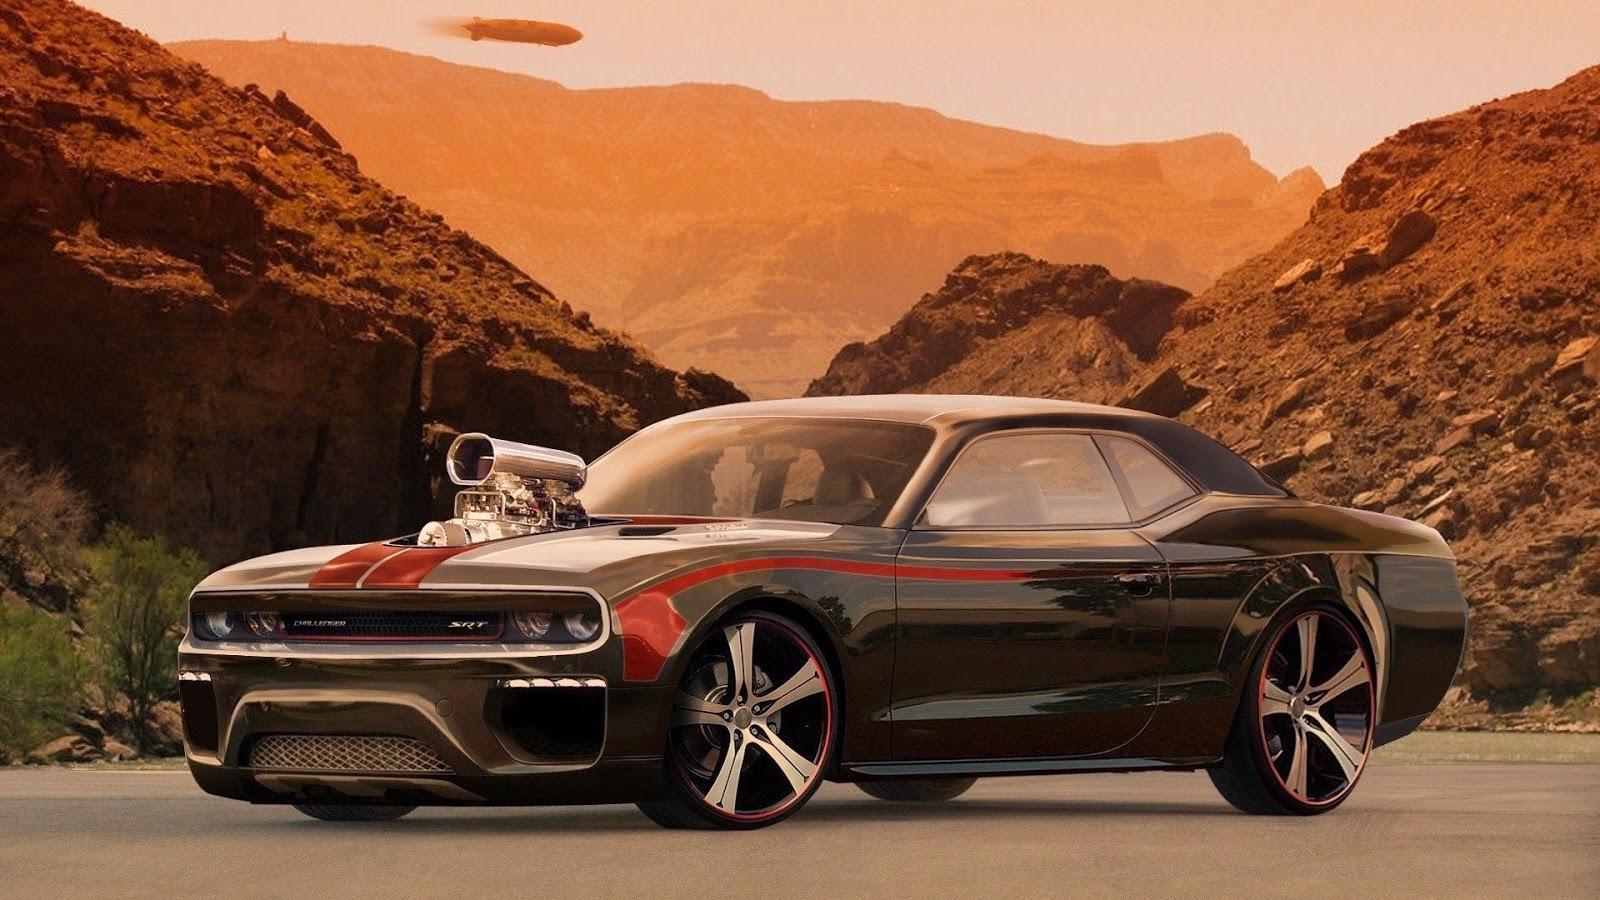 10 best muscle car wallpaper free - usa wallpaper